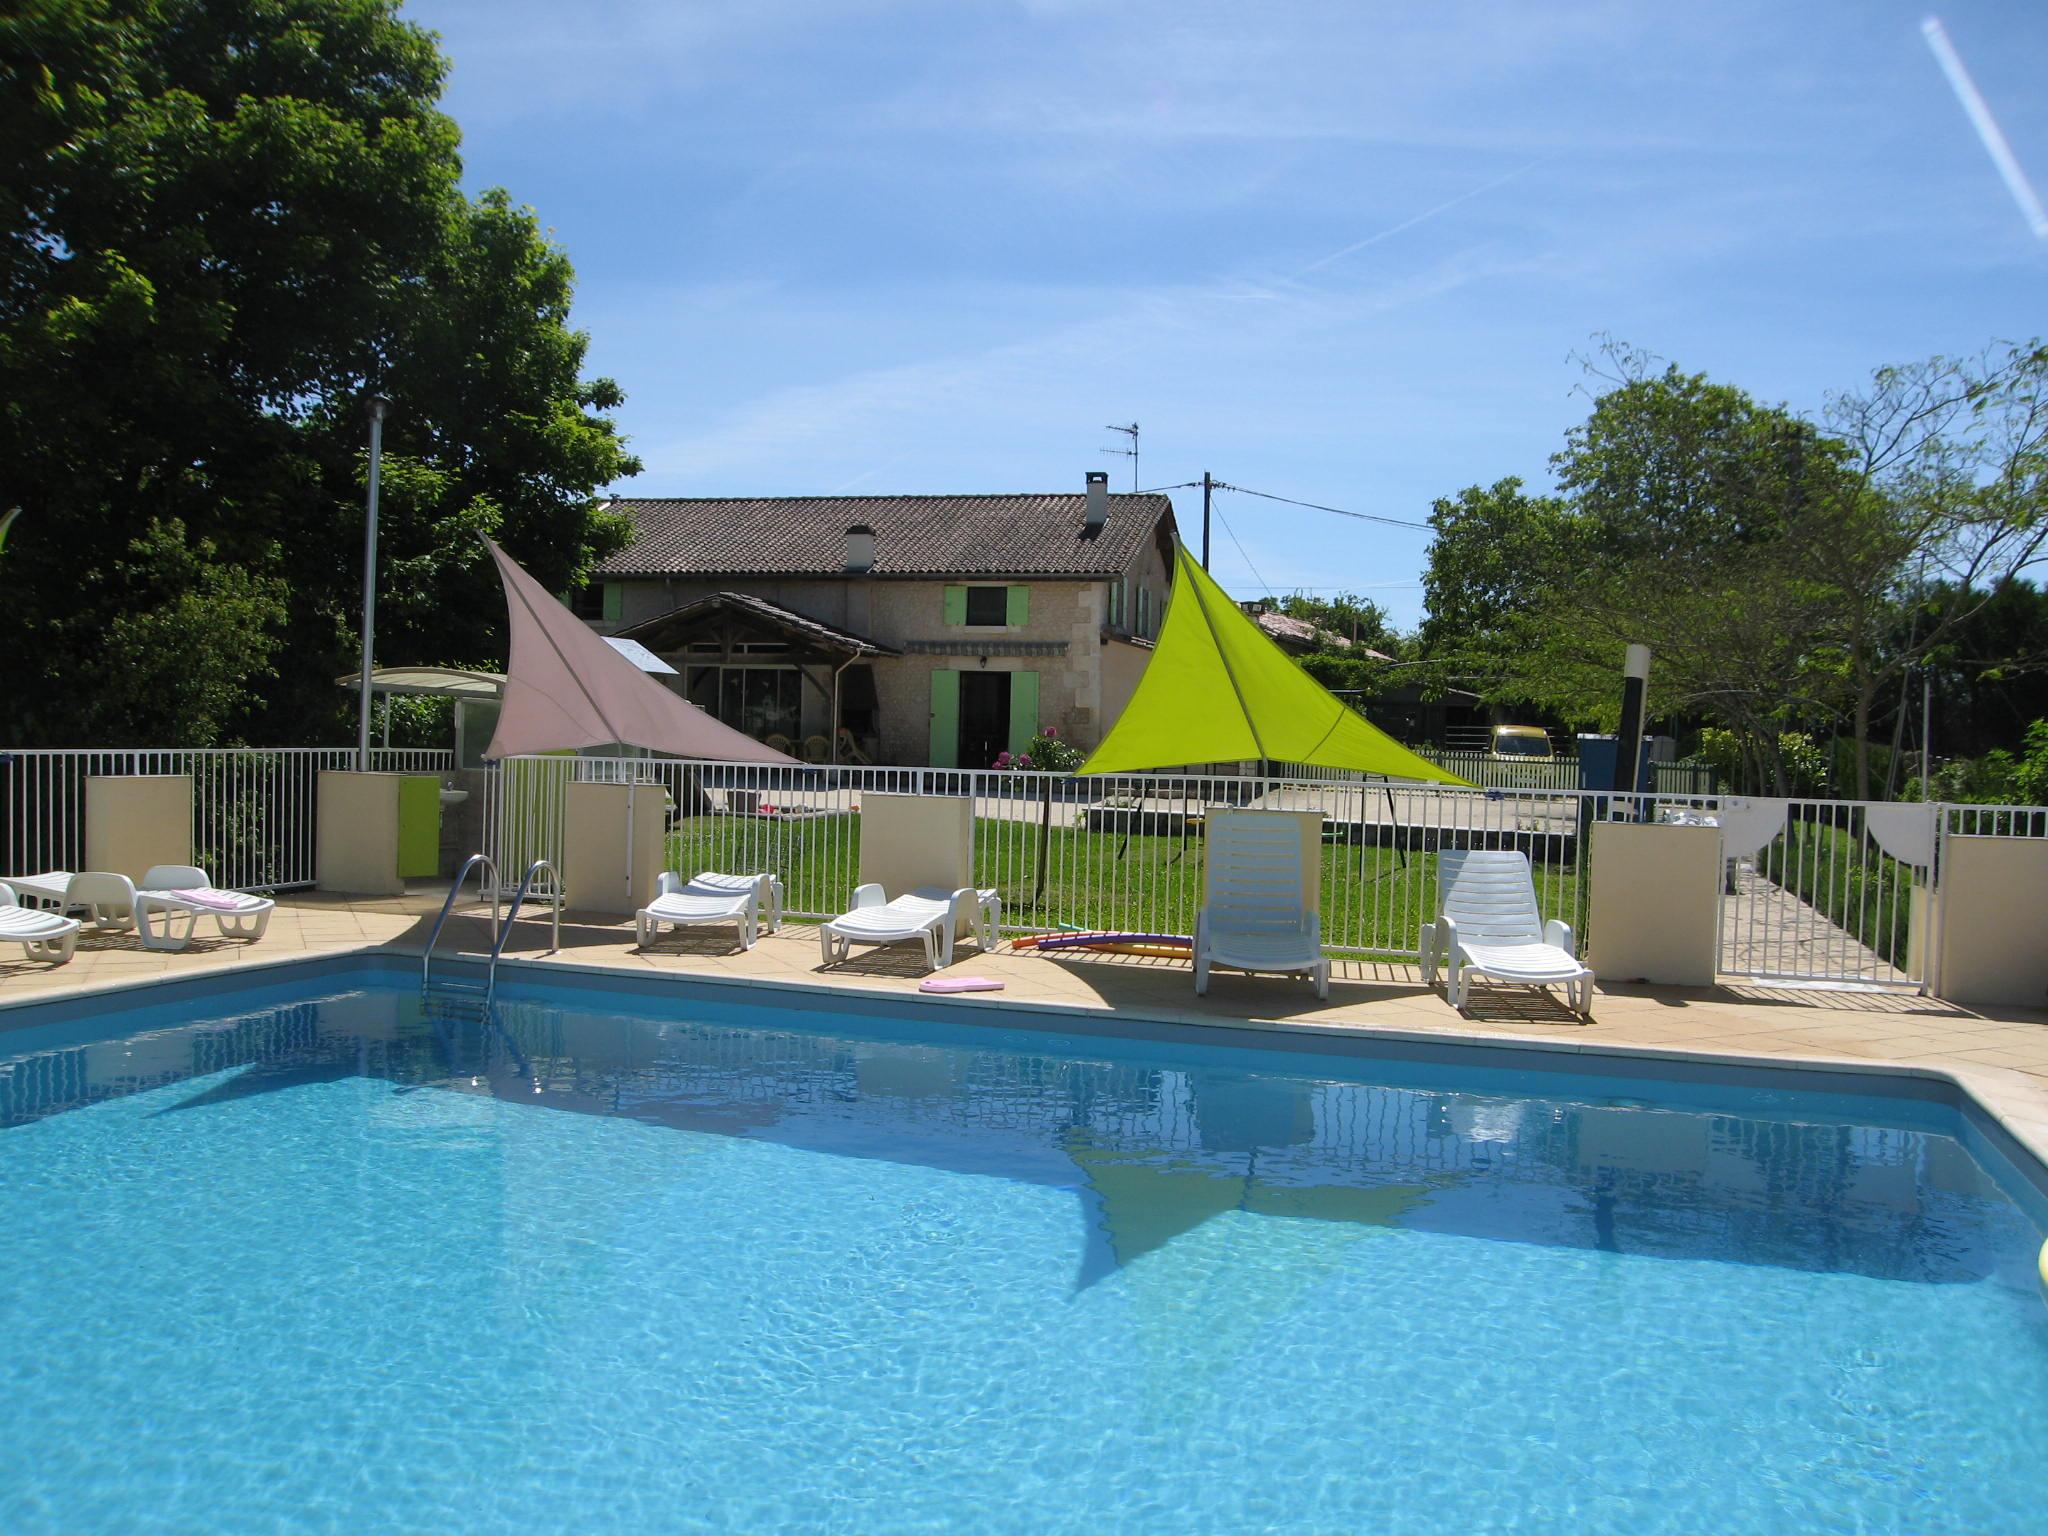 """De la piscine, vue sur la maison """"Coquelicots et violettes"""""""